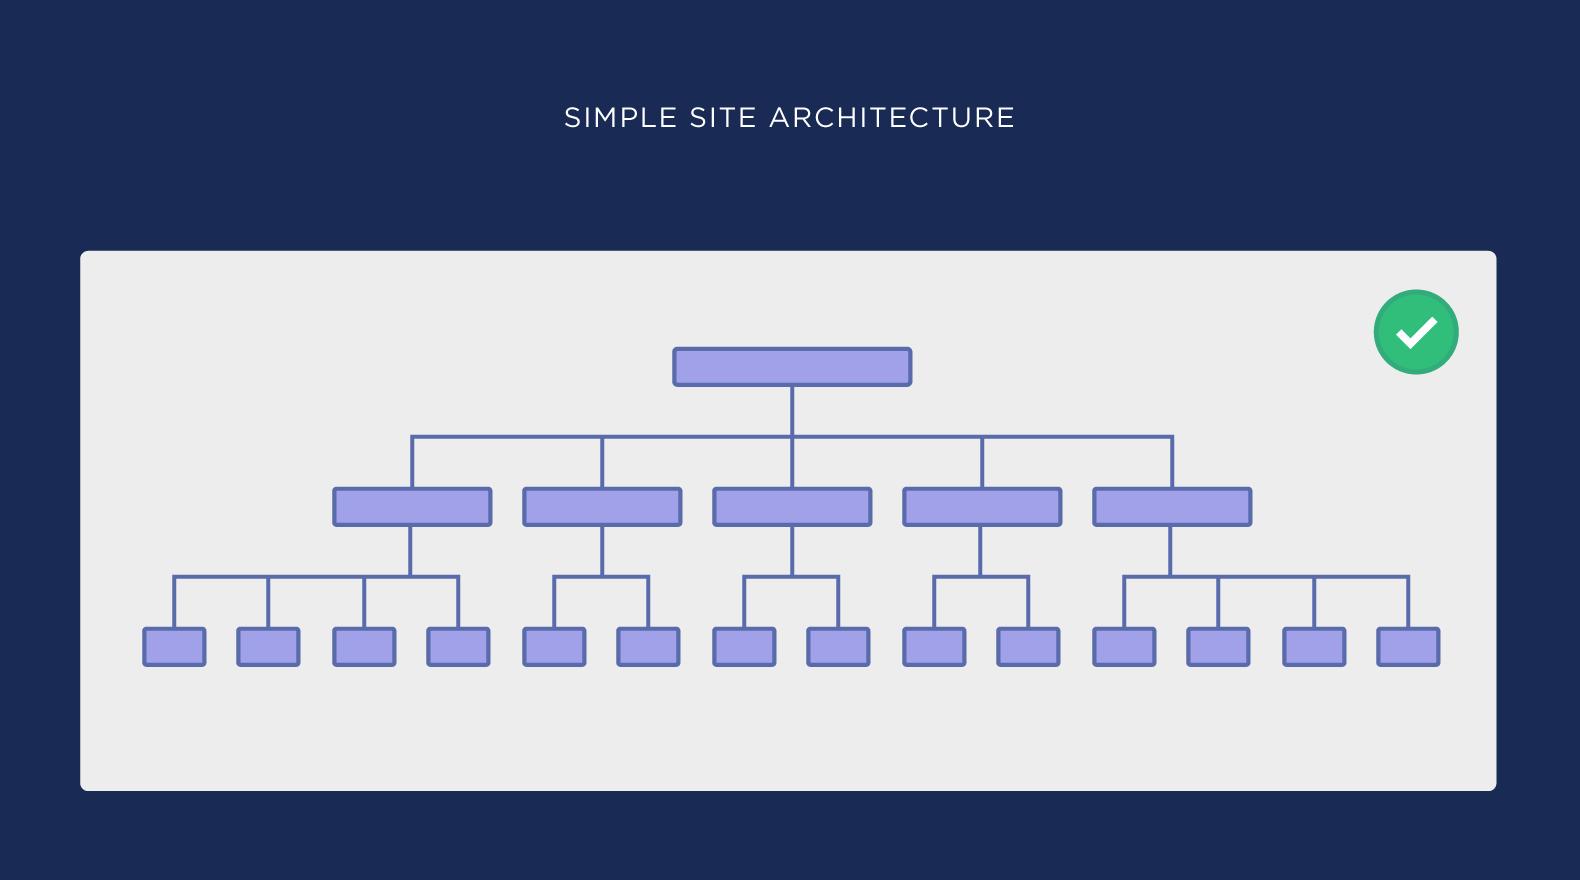 معماری سایت